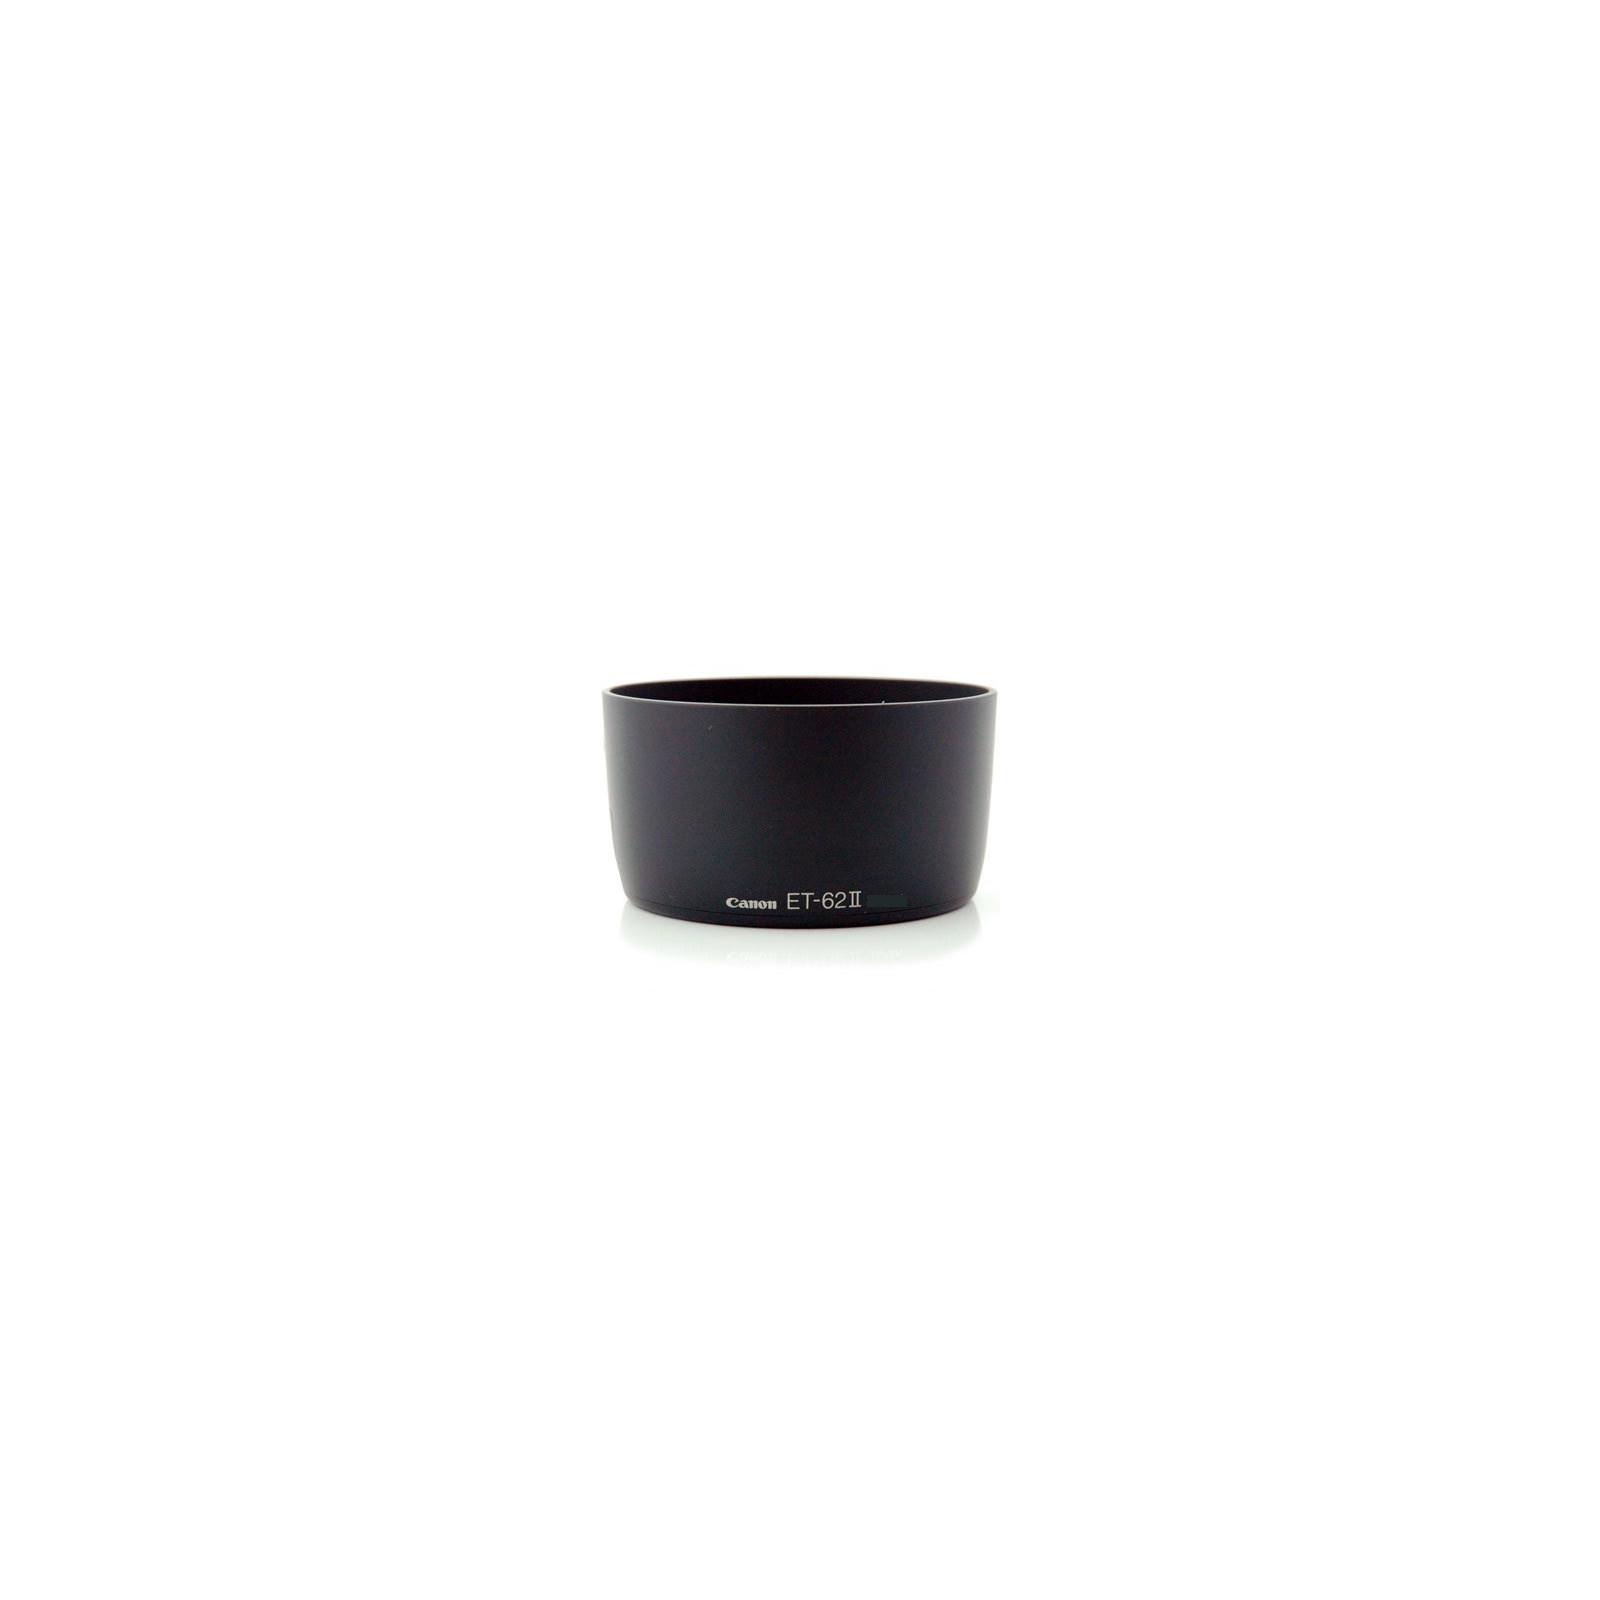 Бленда к объективу ET-62II Canon (2642A001)